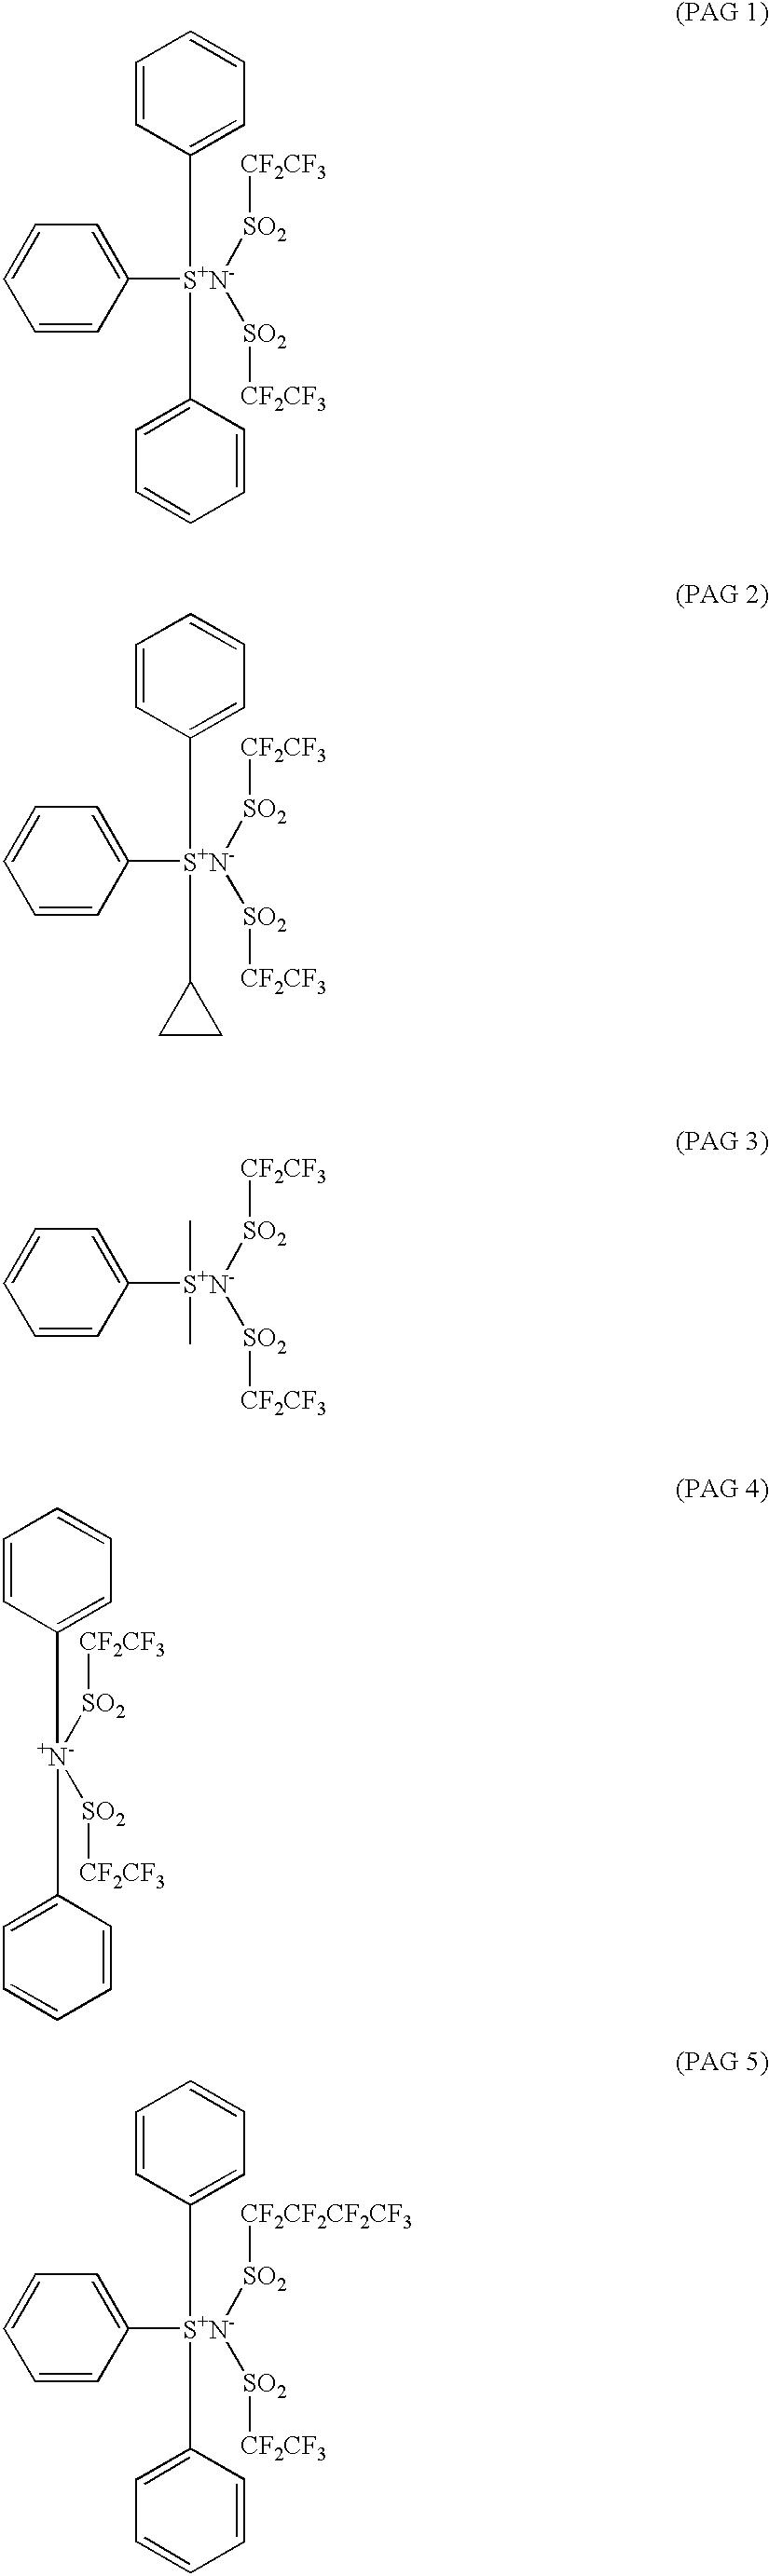 Figure US20030207201A1-20031106-C00061